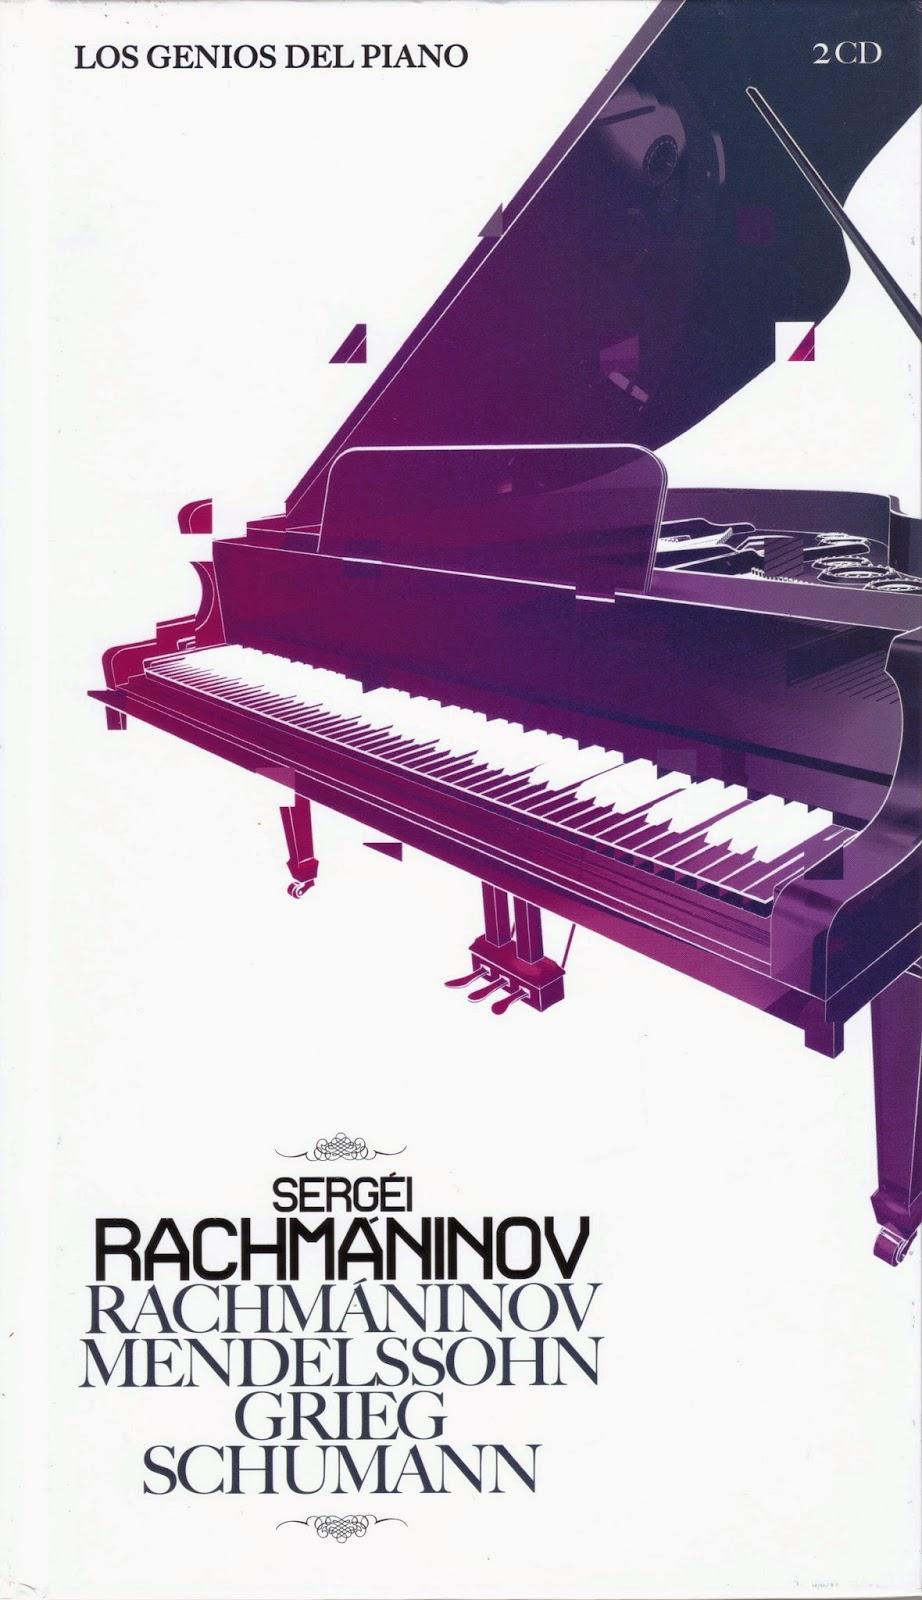 Imagen de Colección Los Genios del Piano-06-Sergei Rachmaninov & Mendelsshon, Grieg y Schumann